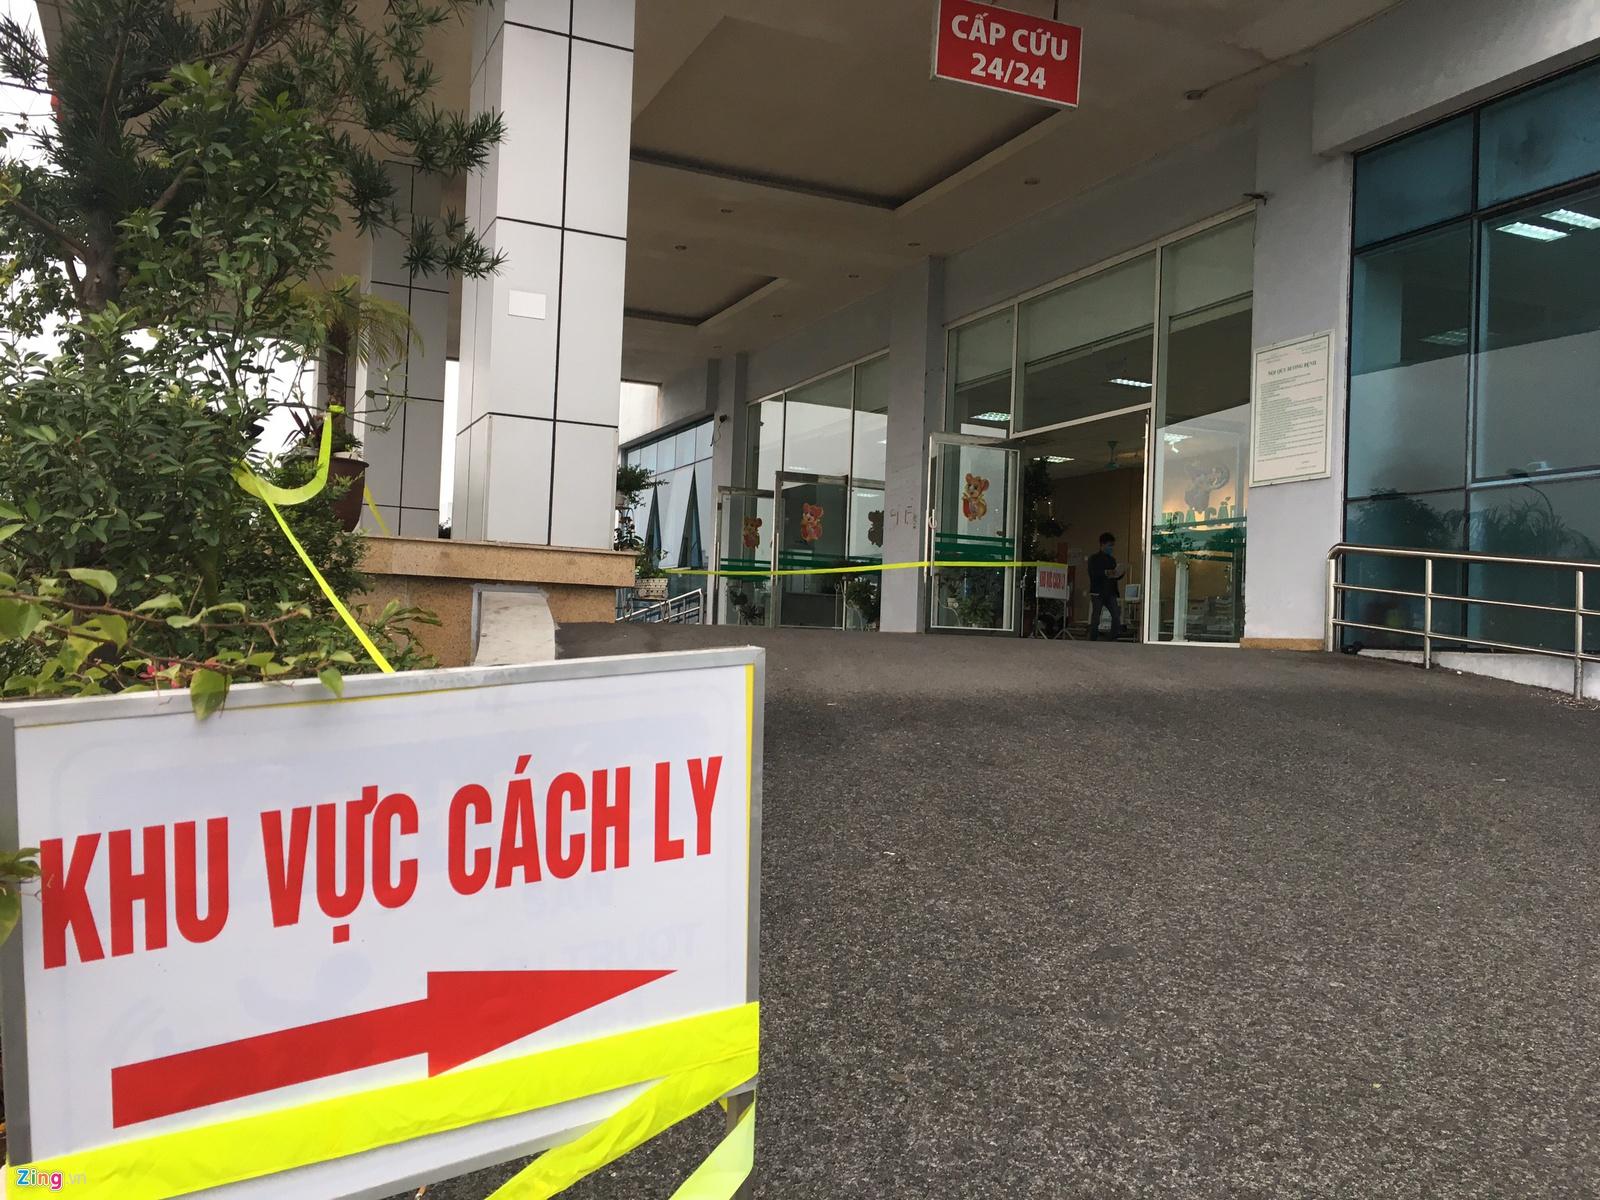 Bệnh viện Bệnh Nhiệt đới Trung ương cơ sở Kim Chung, Đông Anh, Hà Nội, nơi đang điều trị cho nhiều người nhiễm SARS-CoV-2. (Ảnh qua Zing)